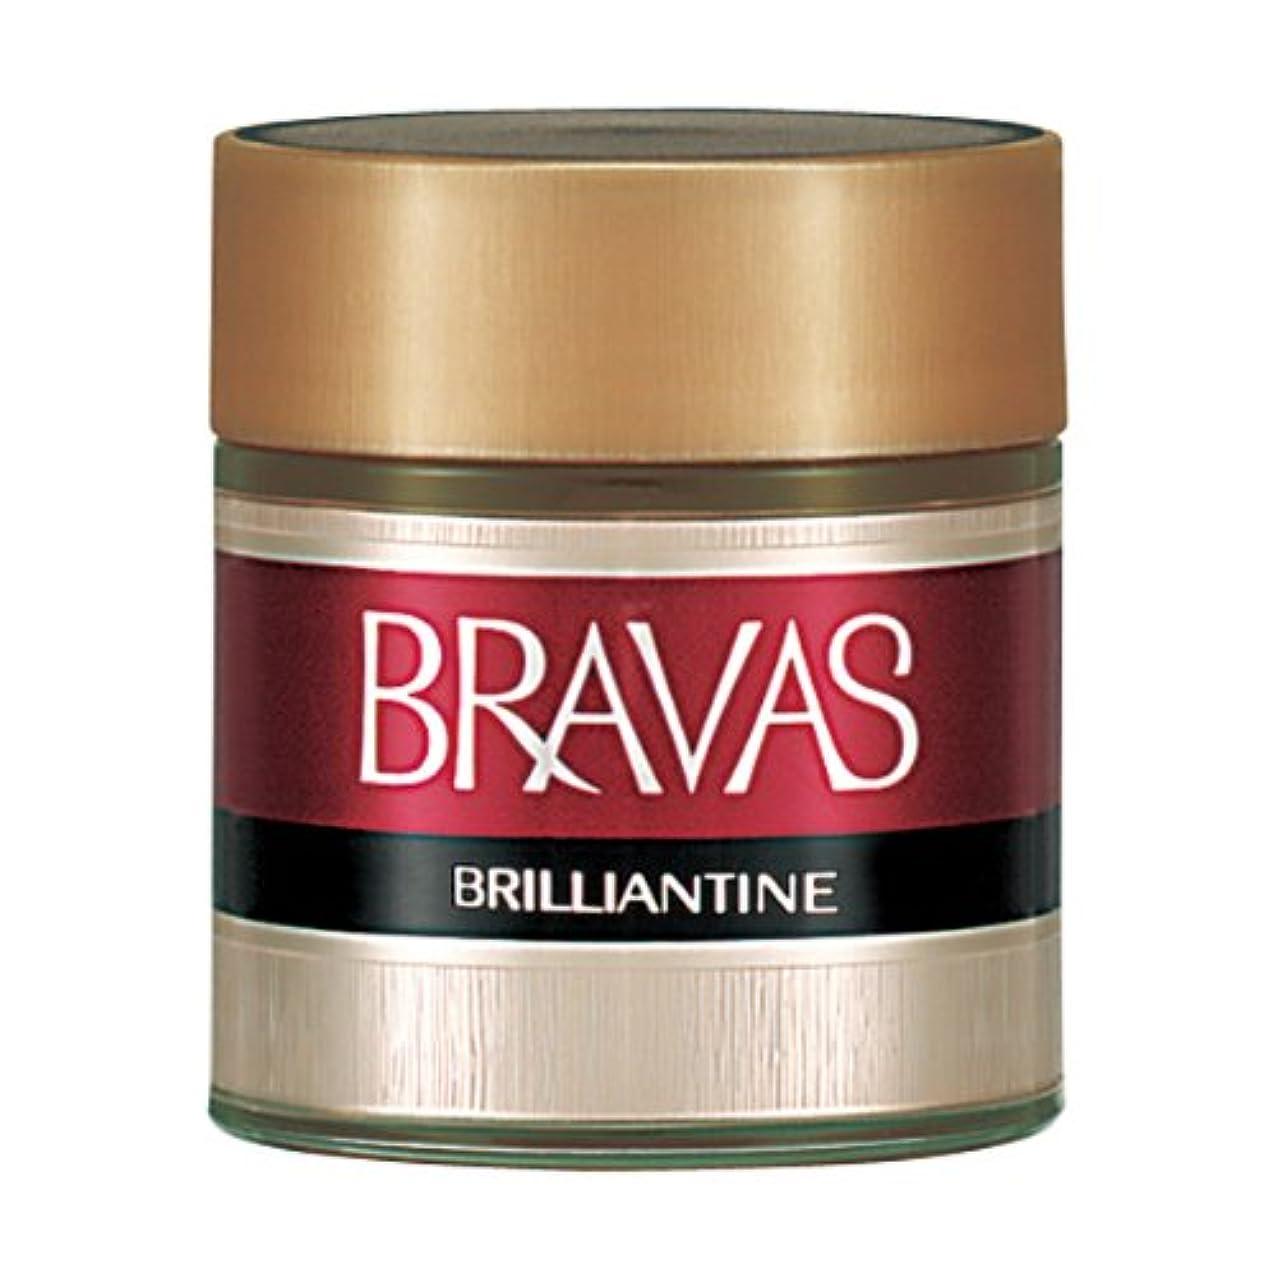 塊びっくり野なブラバス ブリランチン 85g